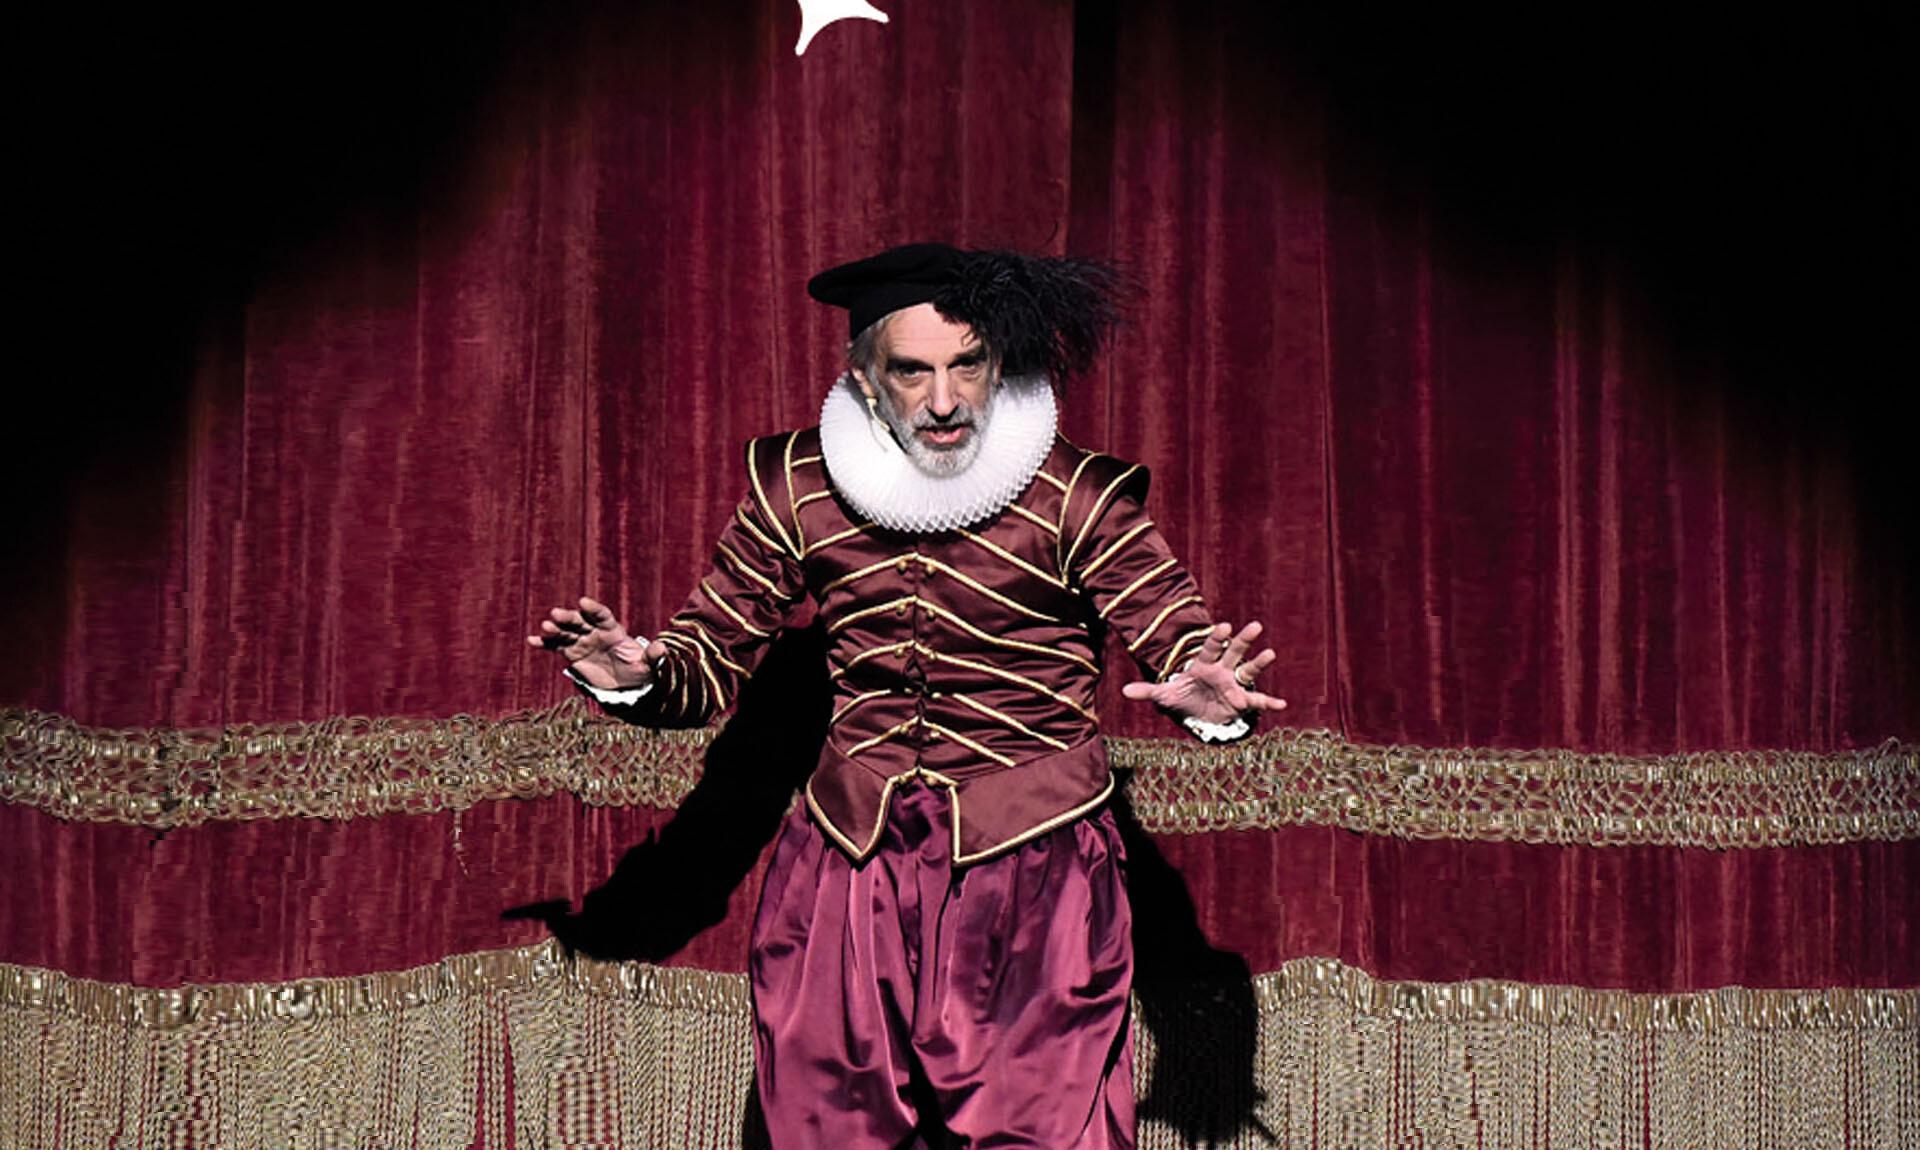 Festival Verdi: PAPPARAPÀPPA…PAPPÀ 20 anni di Imparolopera